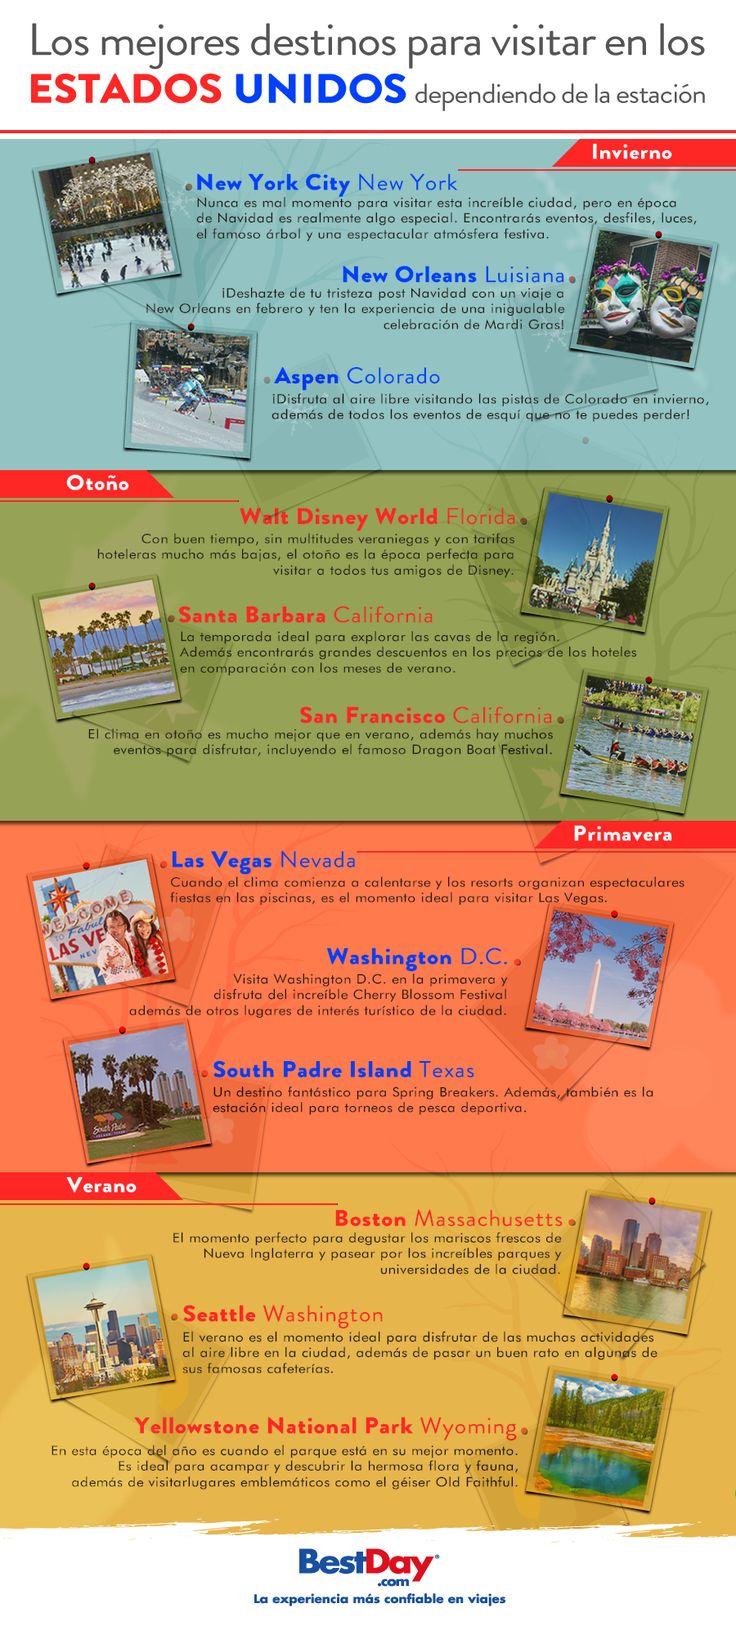 ¿Piensas viajar este año a #EstadosUnidos pero no sabes para cuándo? Te pasamos nuestras recomendaciones por destino según la estación del año